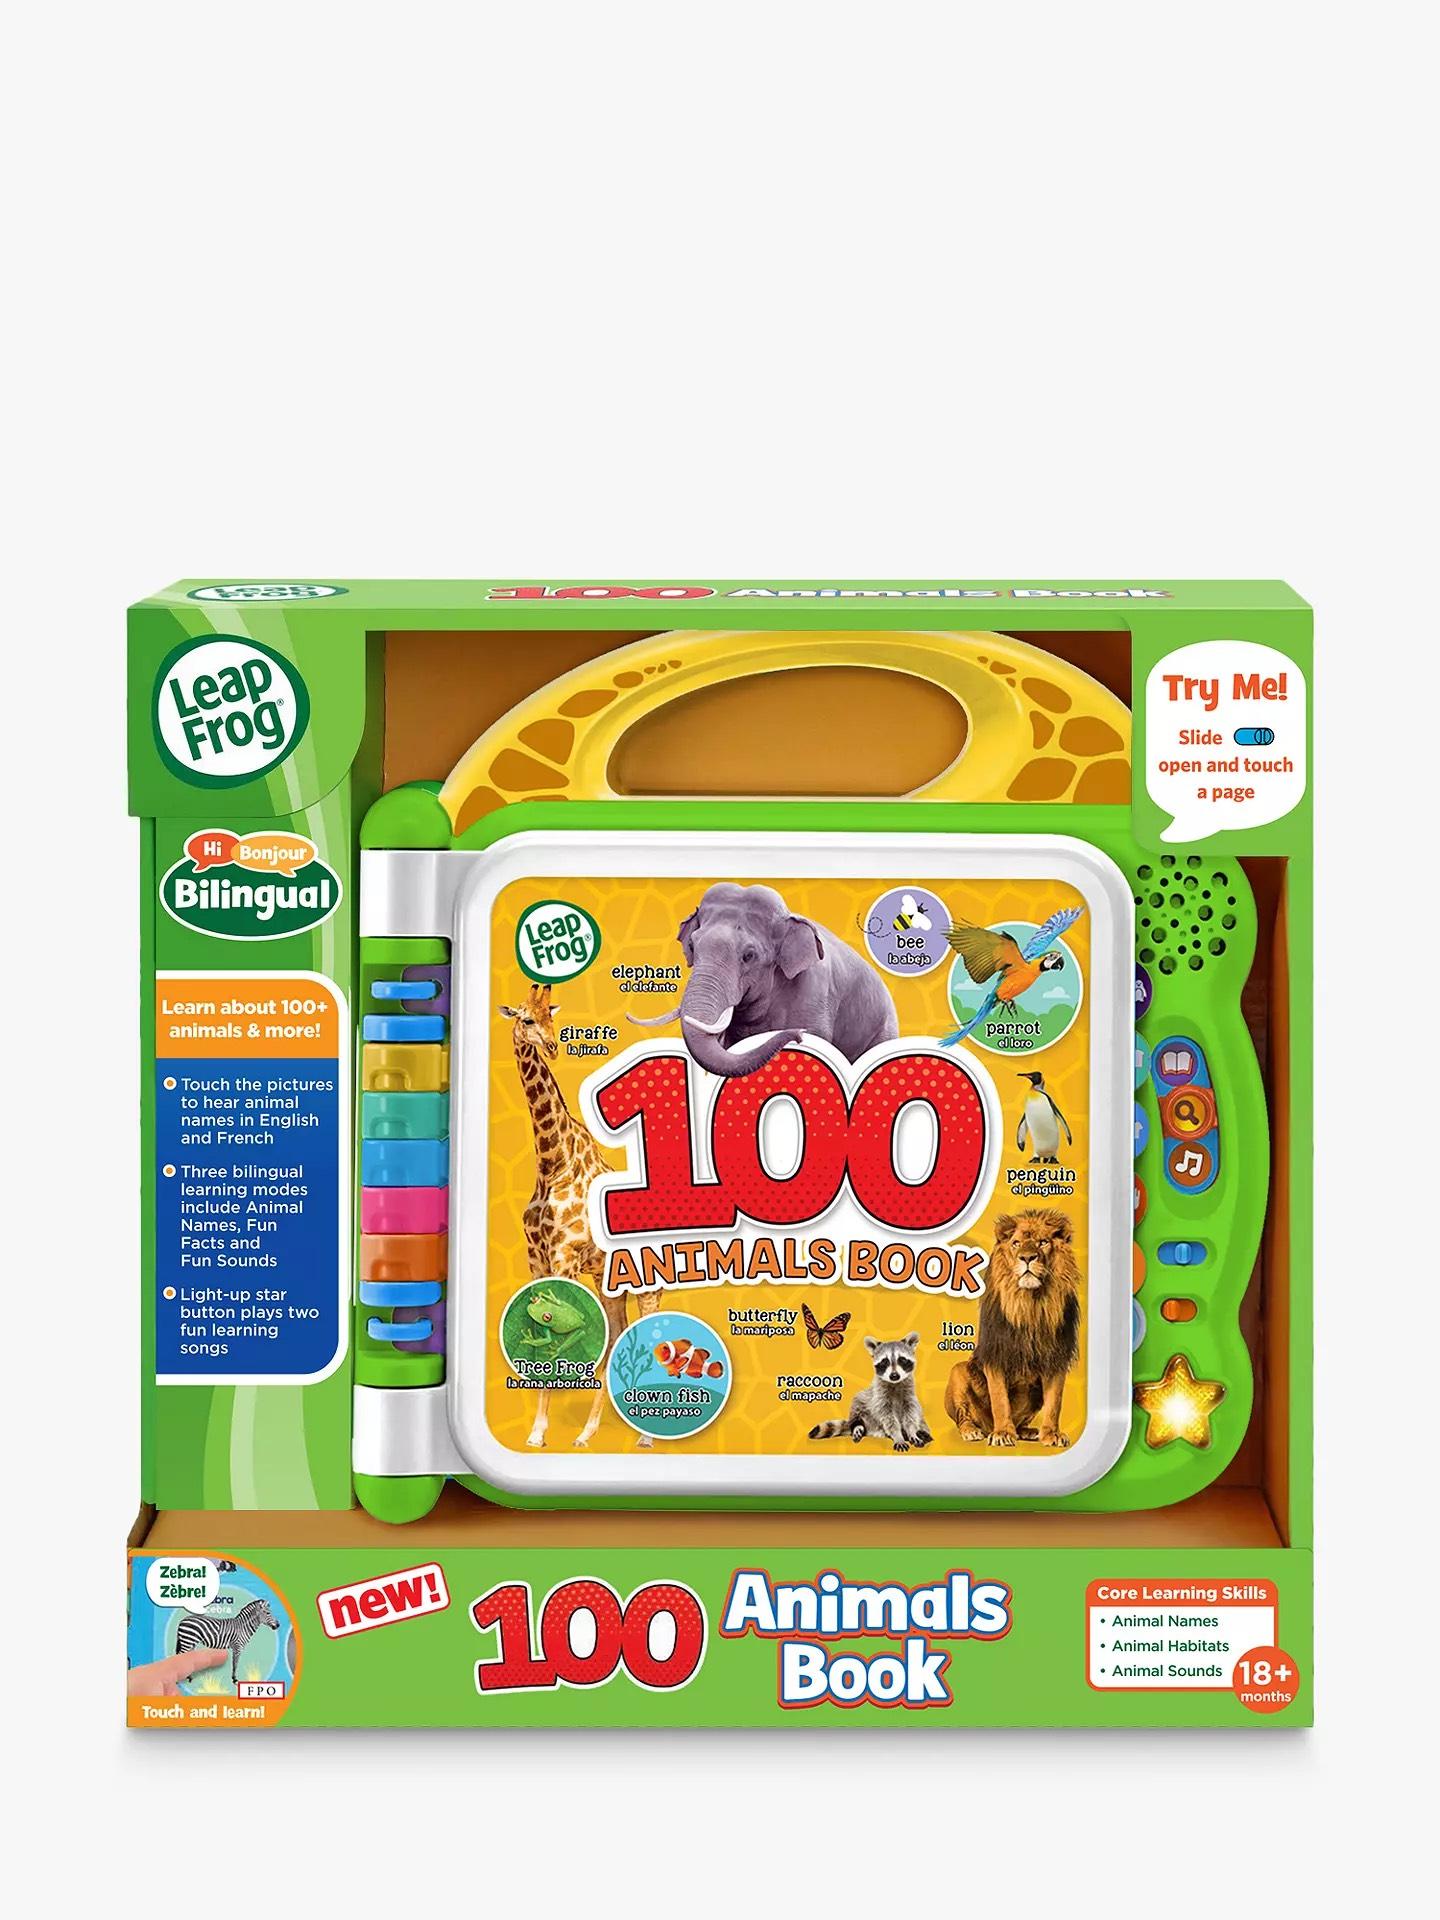 Leapfrog 100 animal electronic book, £15.99 Amazon Prime / £20.48 Non Prime @ Amazon